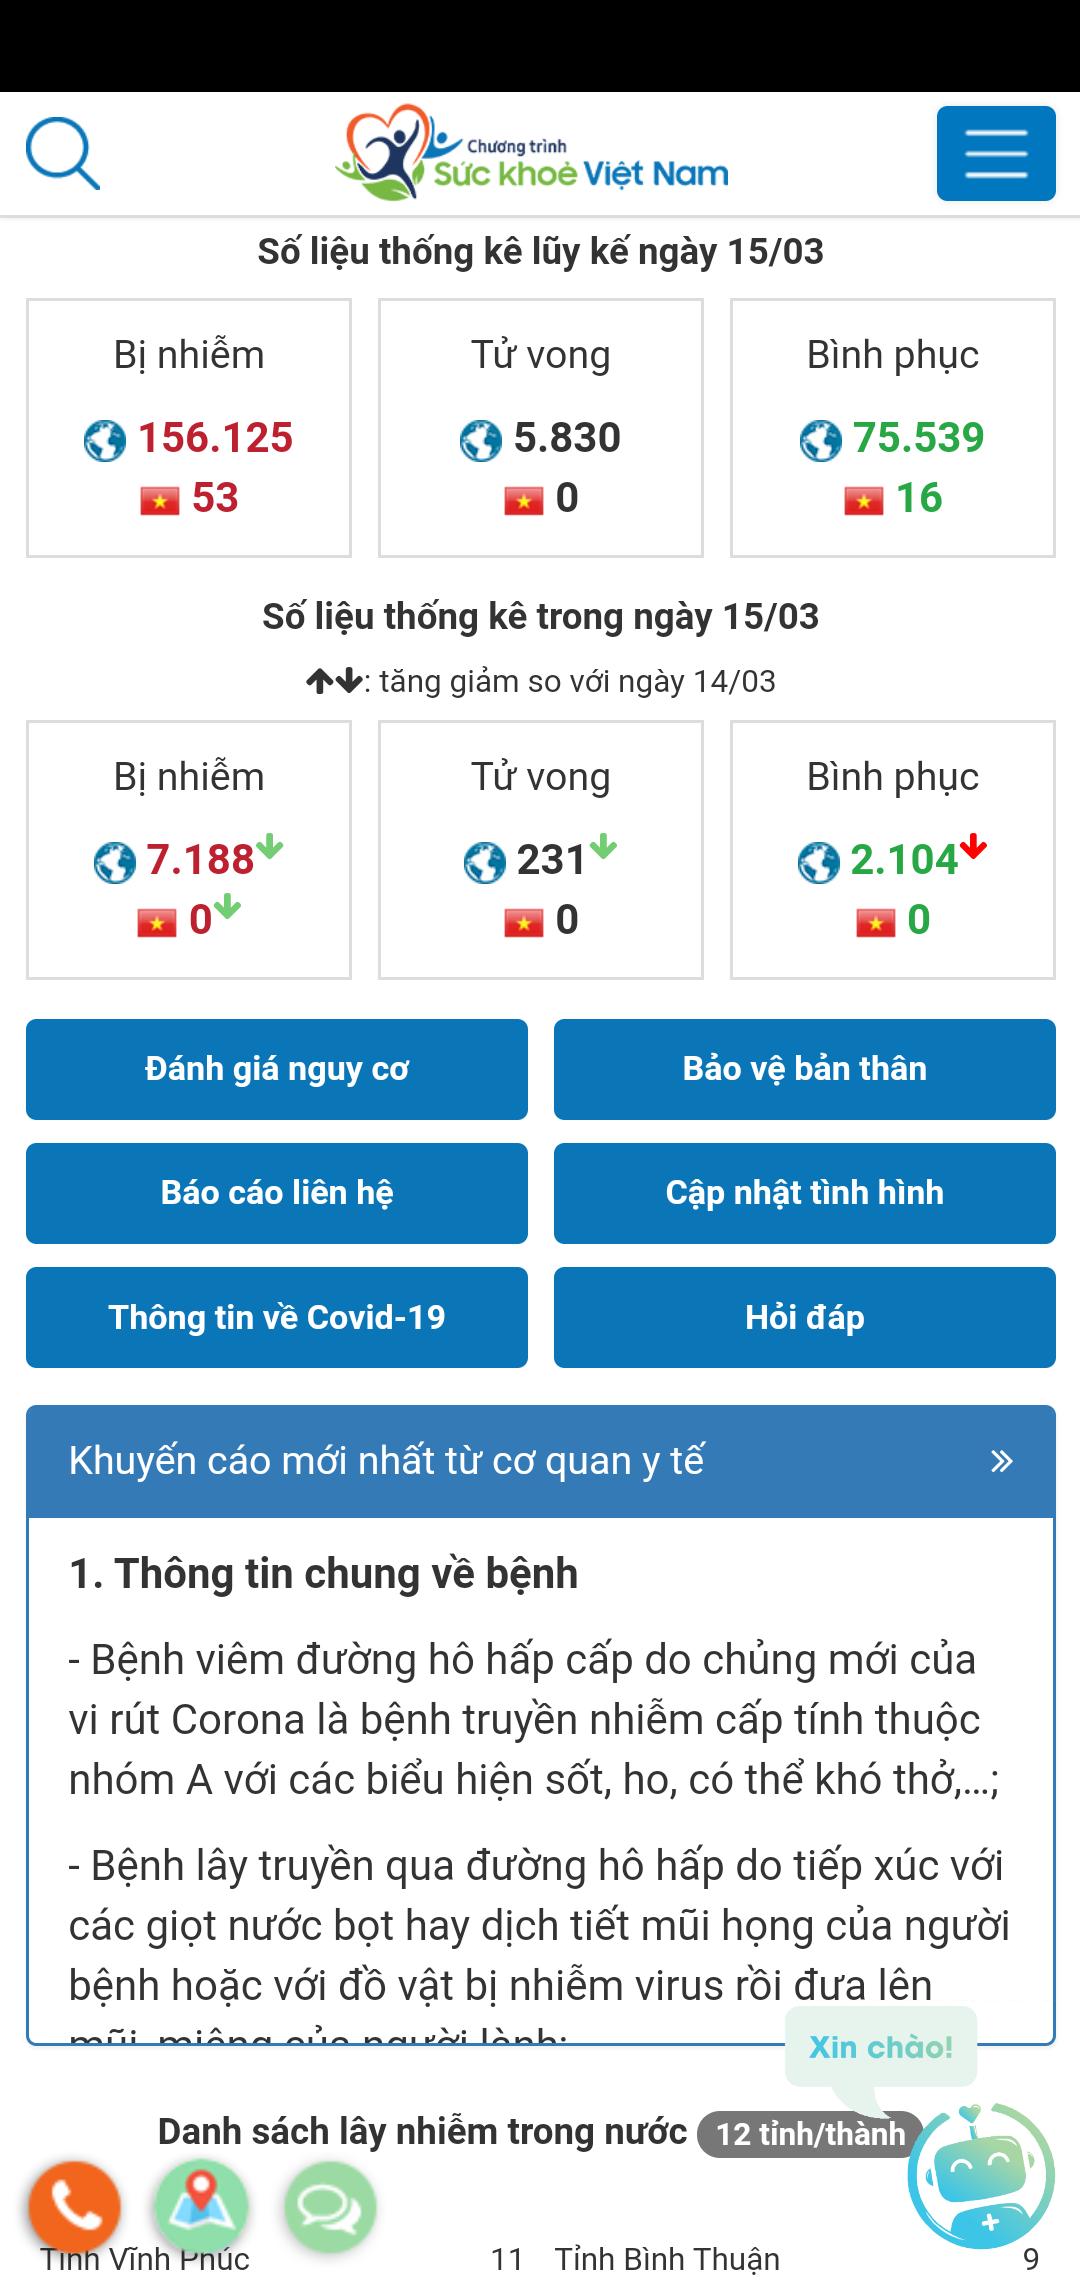 ứng dụng sức khỏe Việt Nam